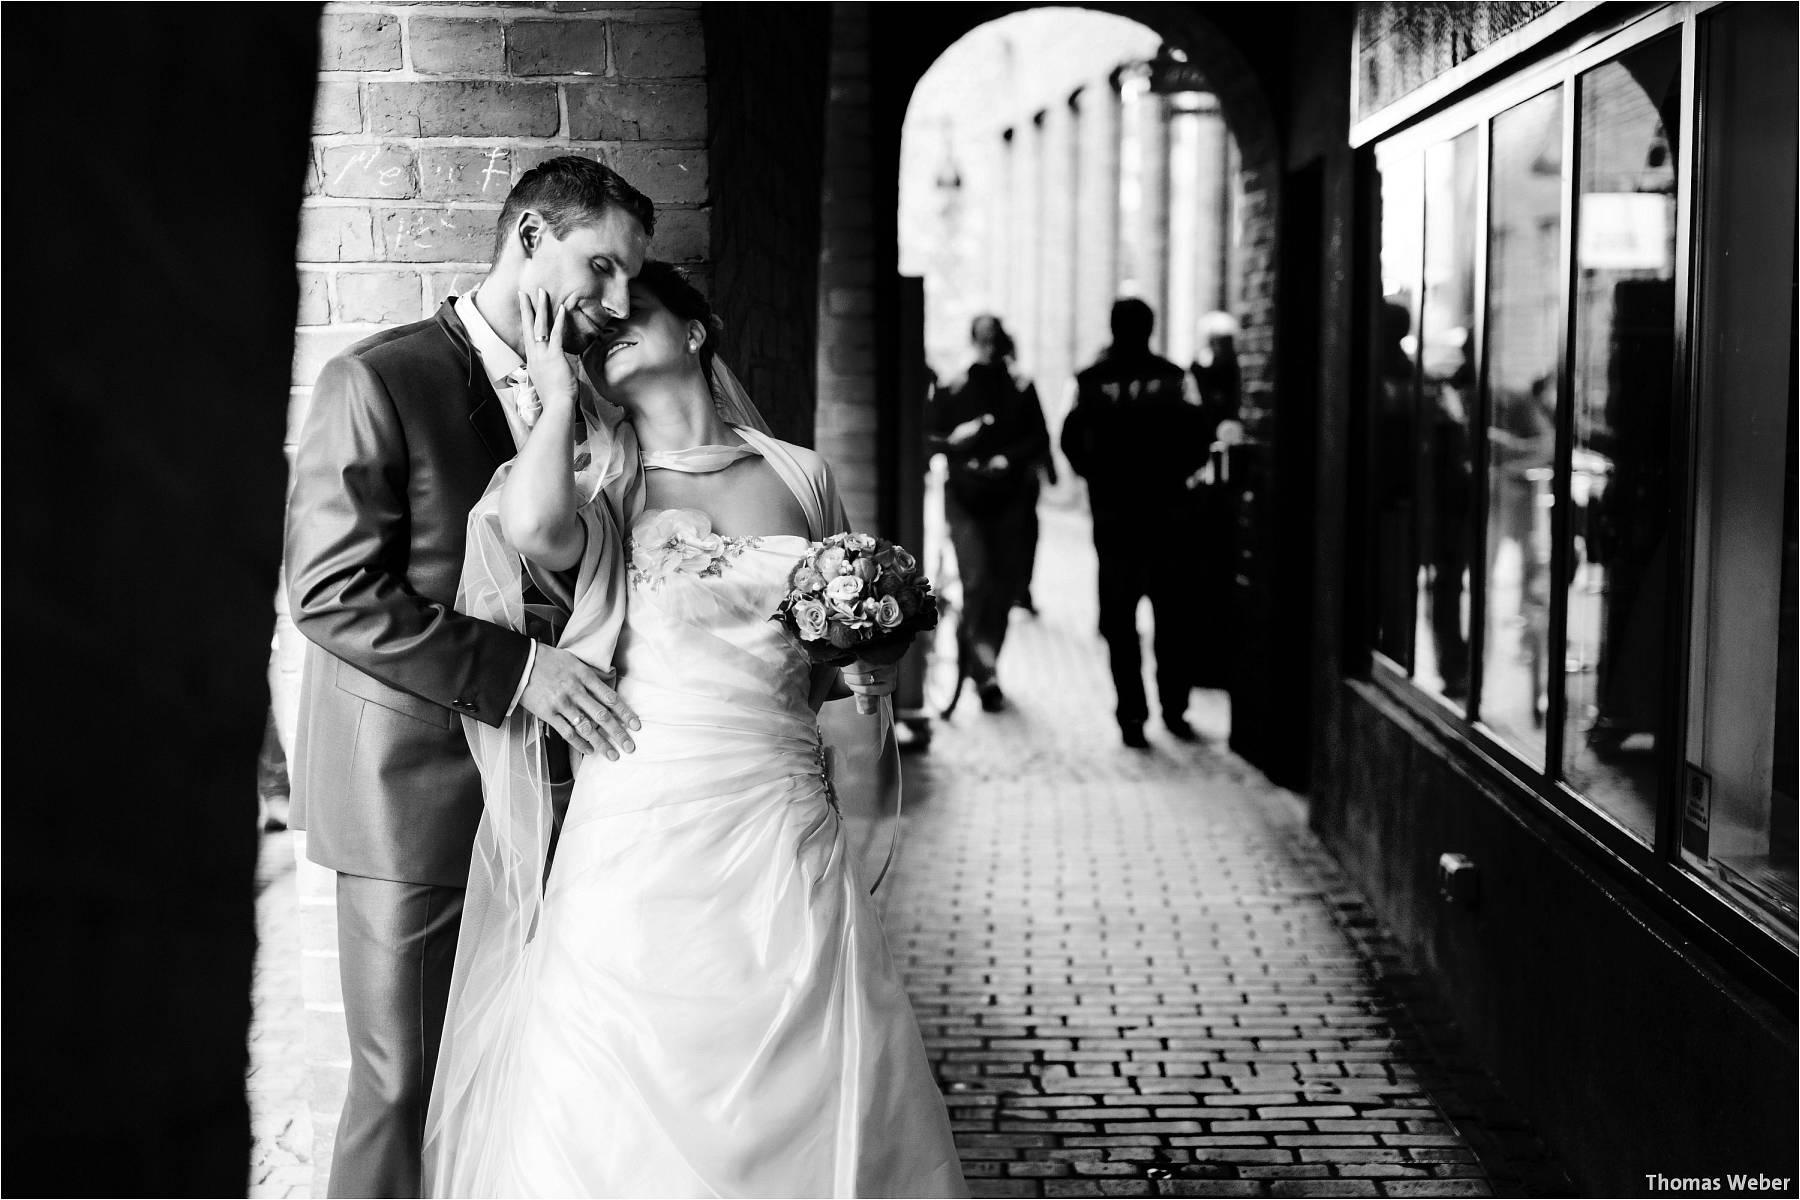 Hochzeitsfotograf Bremen: Kirchliche Trauung in der Propsteikirche St. Johann im Bremer Schnoor und Hochzeitsfeier bei Rogge Dünsen (26)